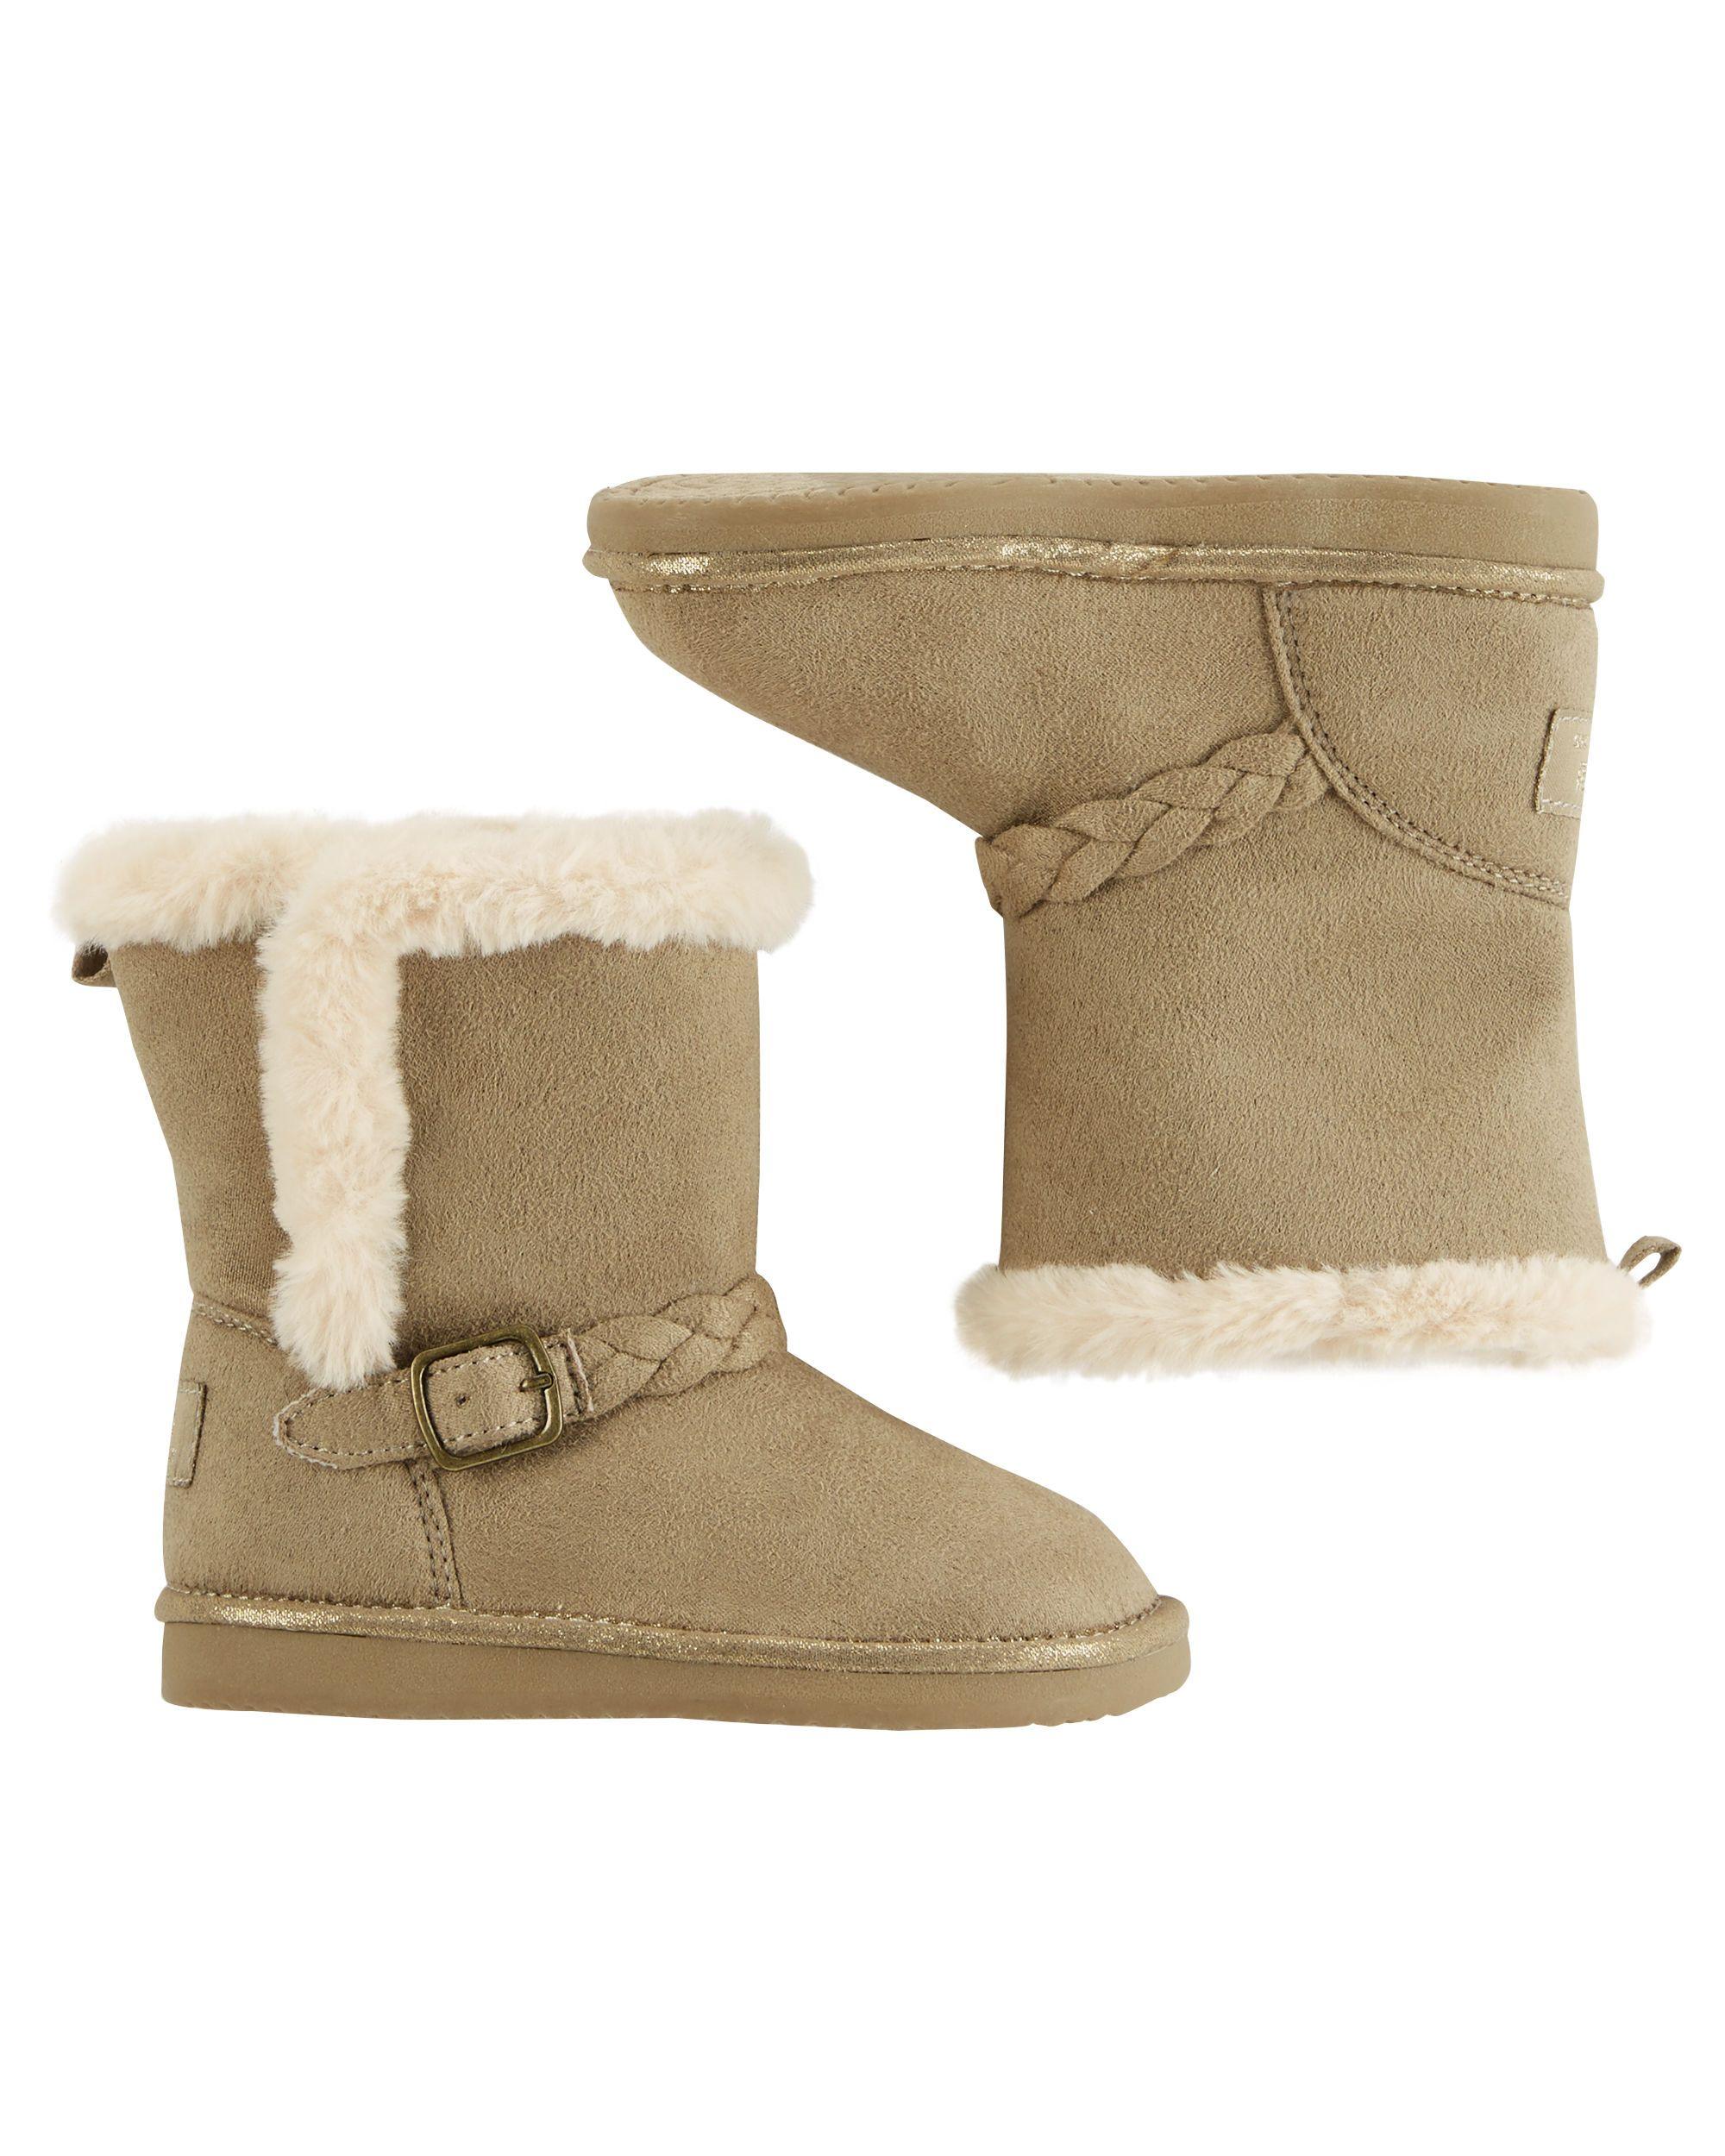 OshKosh Sherpa Boots   Boots, Kids